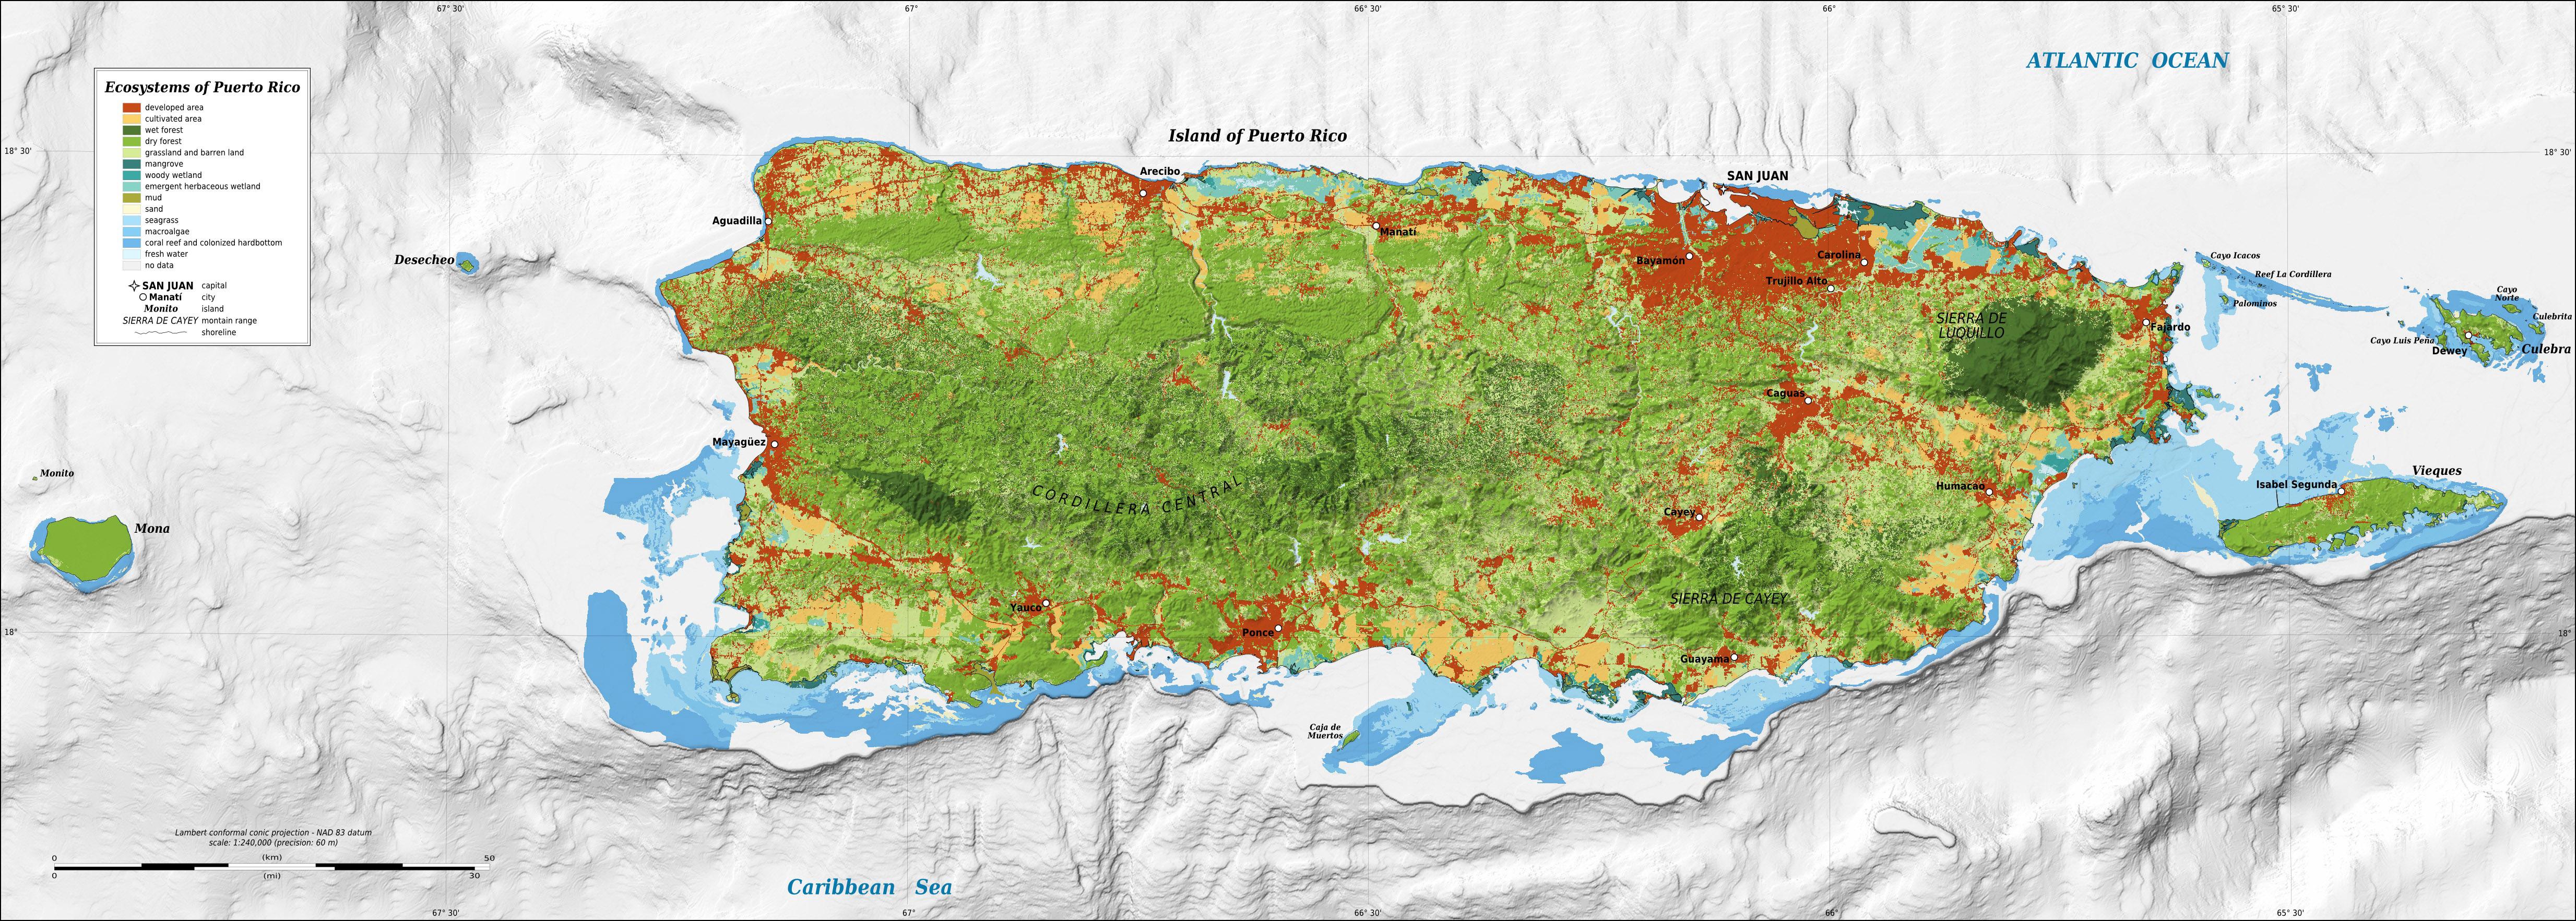 Puerto_Rico_ecosystems_map-en.jpg